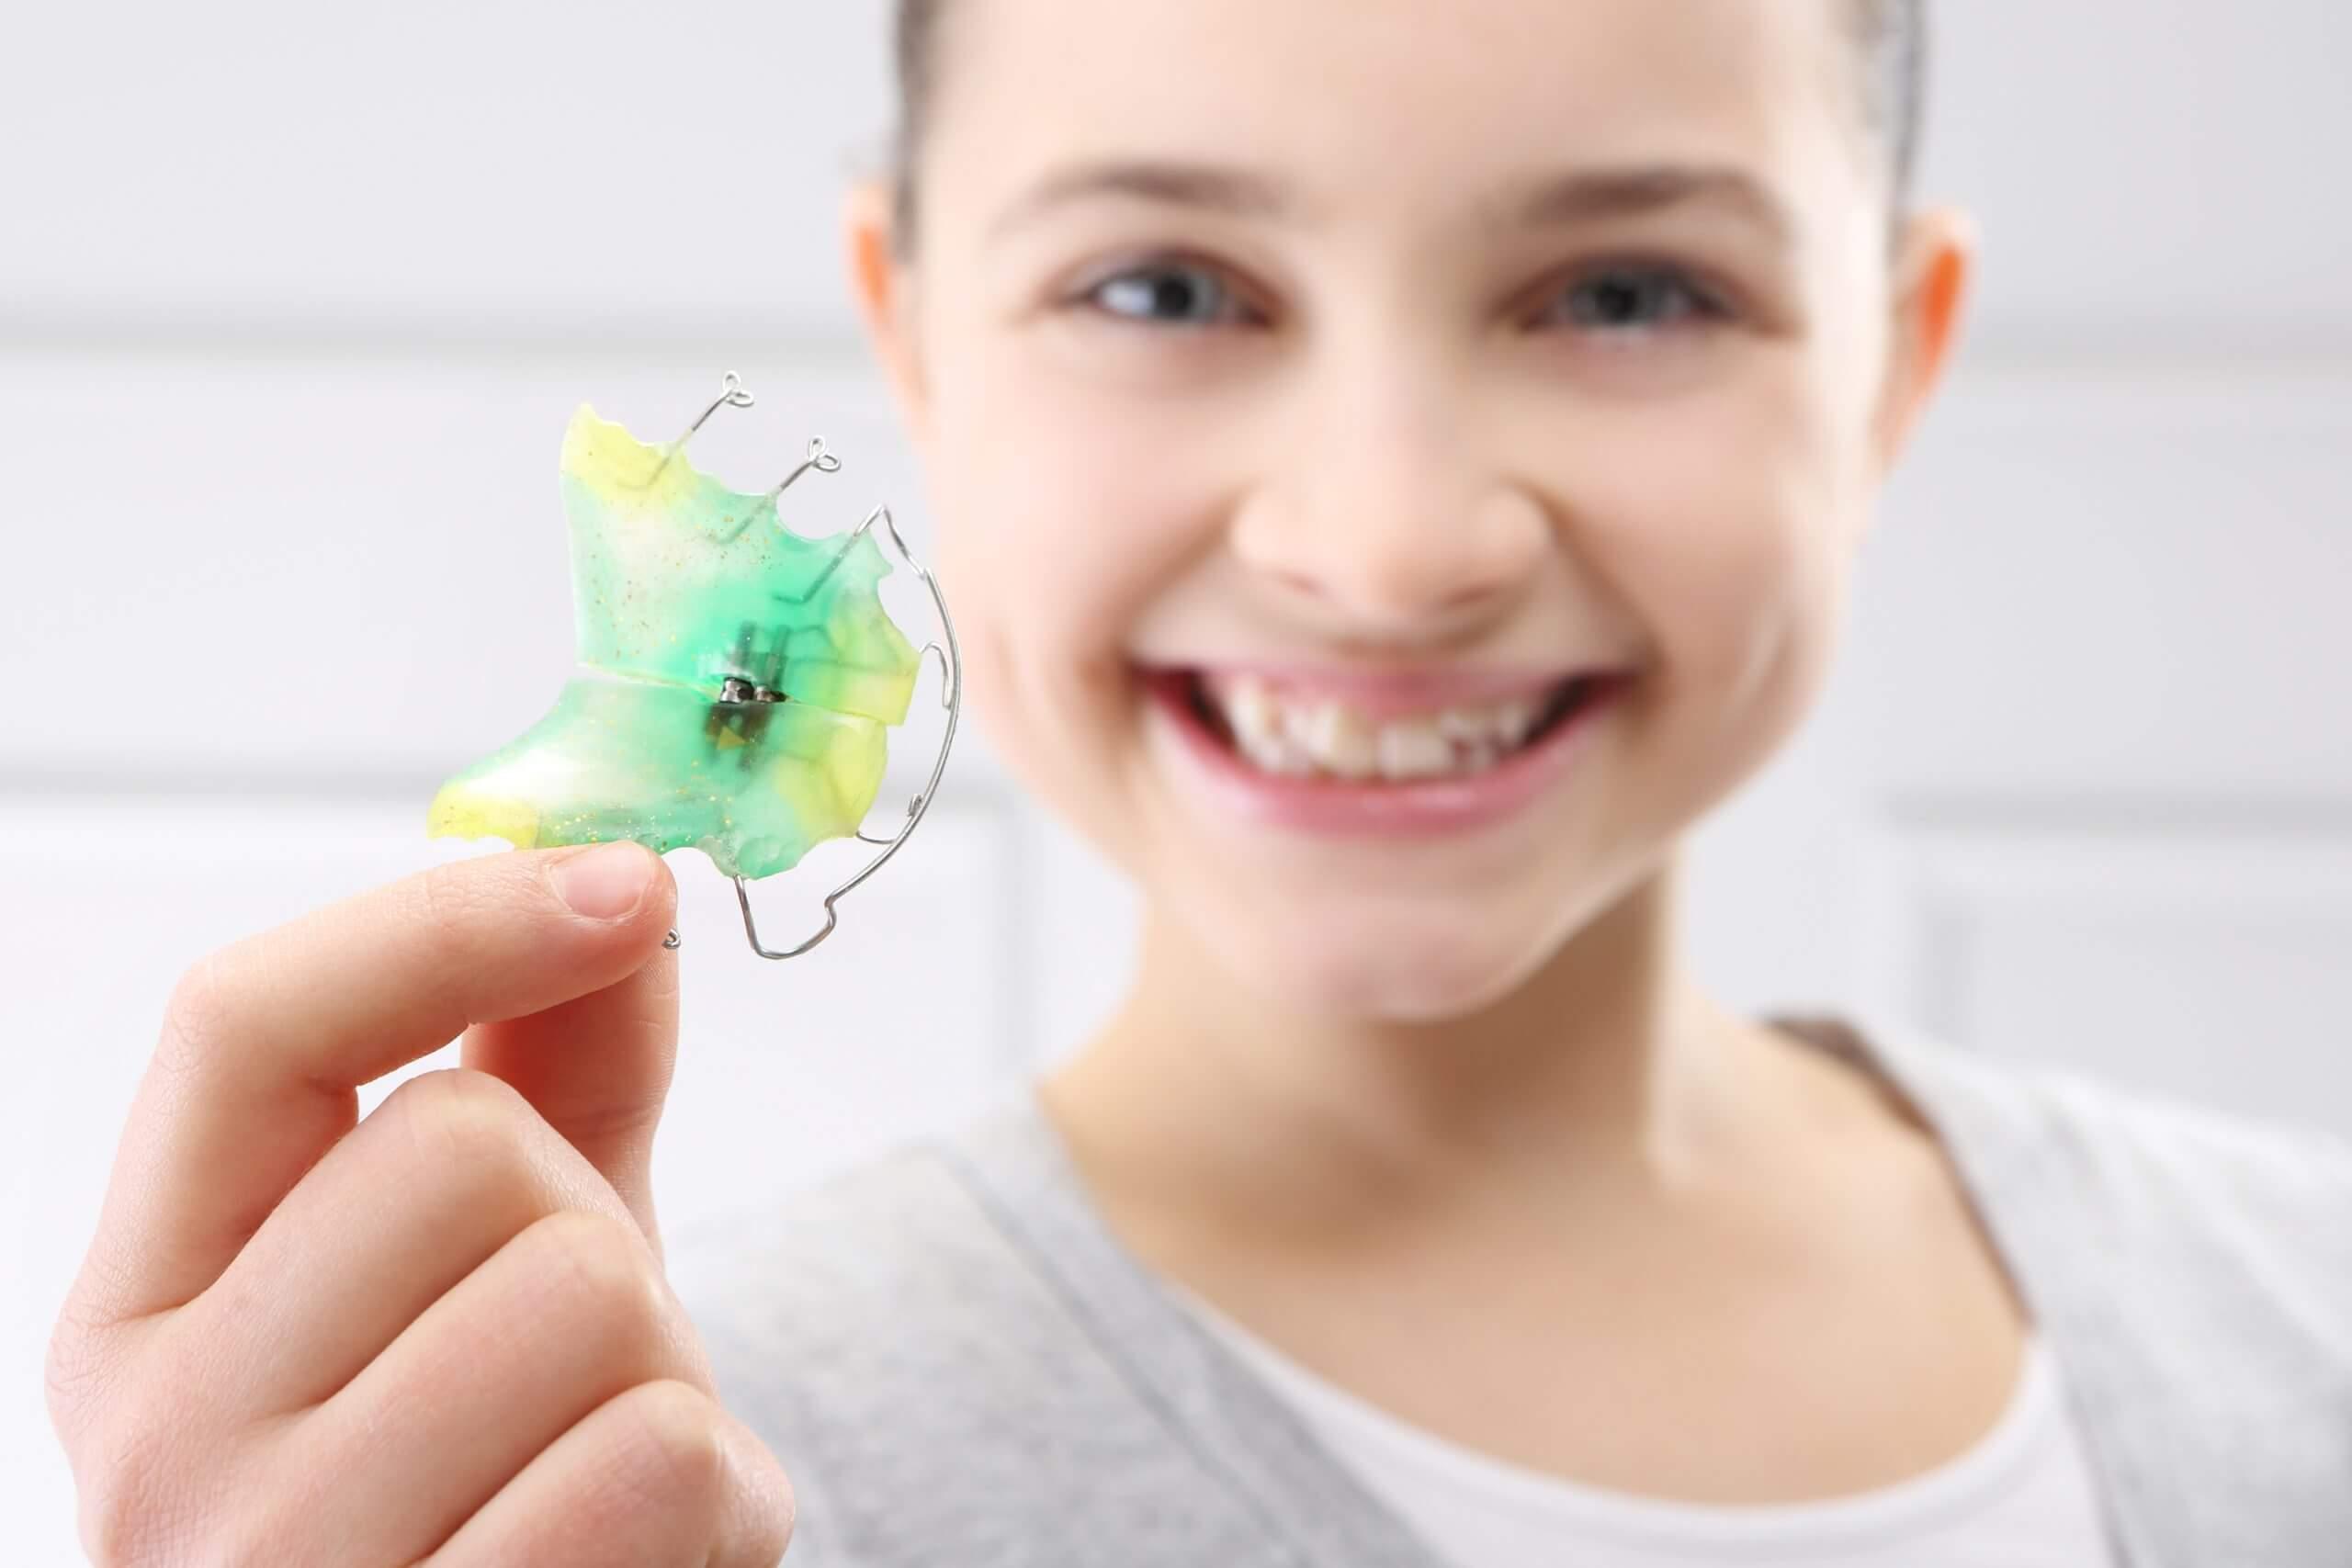 richmond surrey preventive dentistry